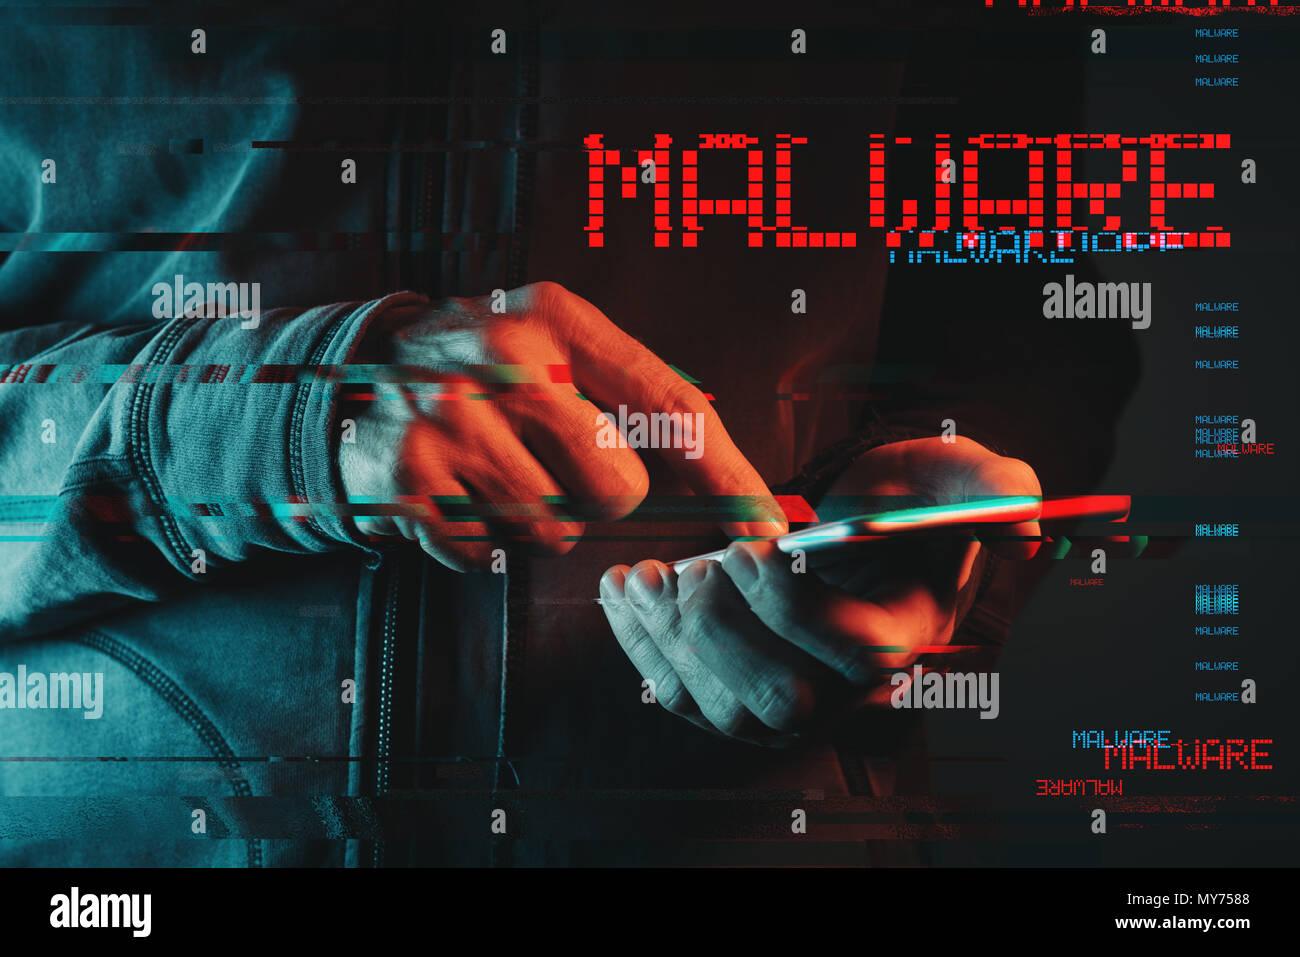 Malware Konzept mit männliche Person mit Smartphone, Low Key rot und blau beleuchtete Bild und digitale glitch Wirkung Stockbild